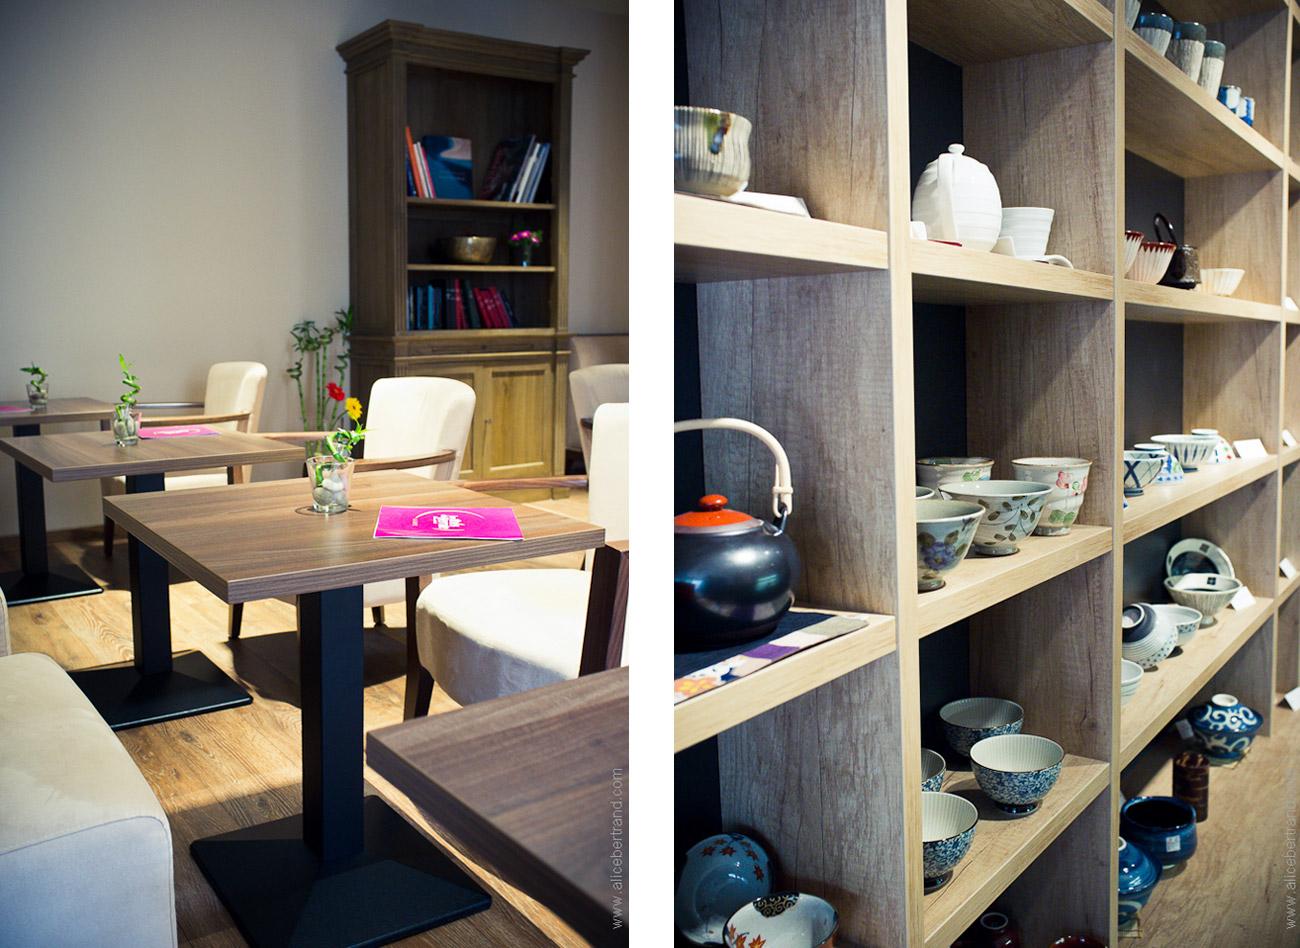 les th s de bernie codes int rieurs. Black Bedroom Furniture Sets. Home Design Ideas